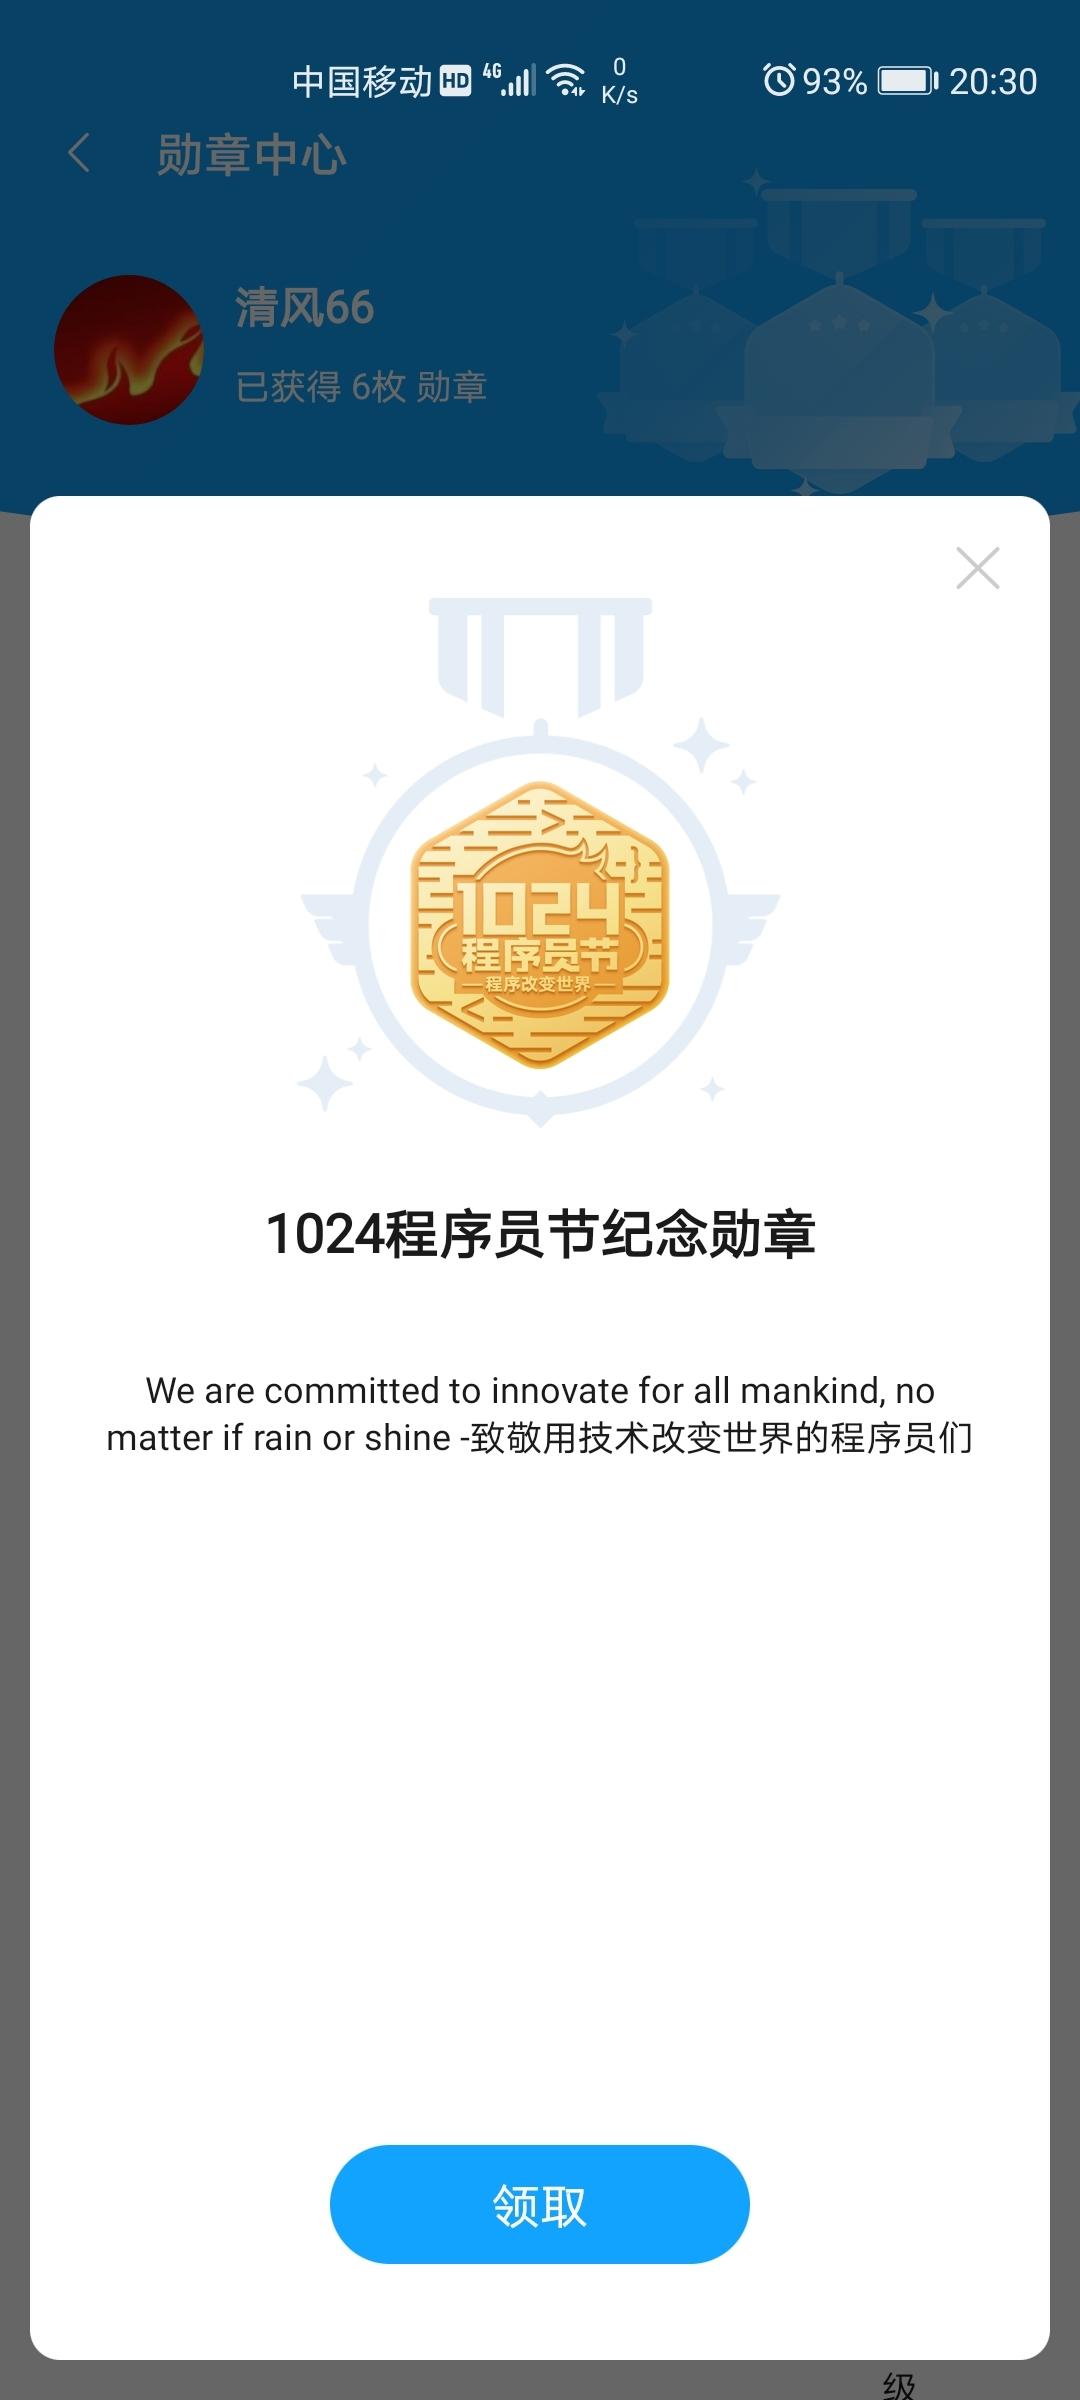 Screenshot_20201024_203031_com.huawei.fans.jpg